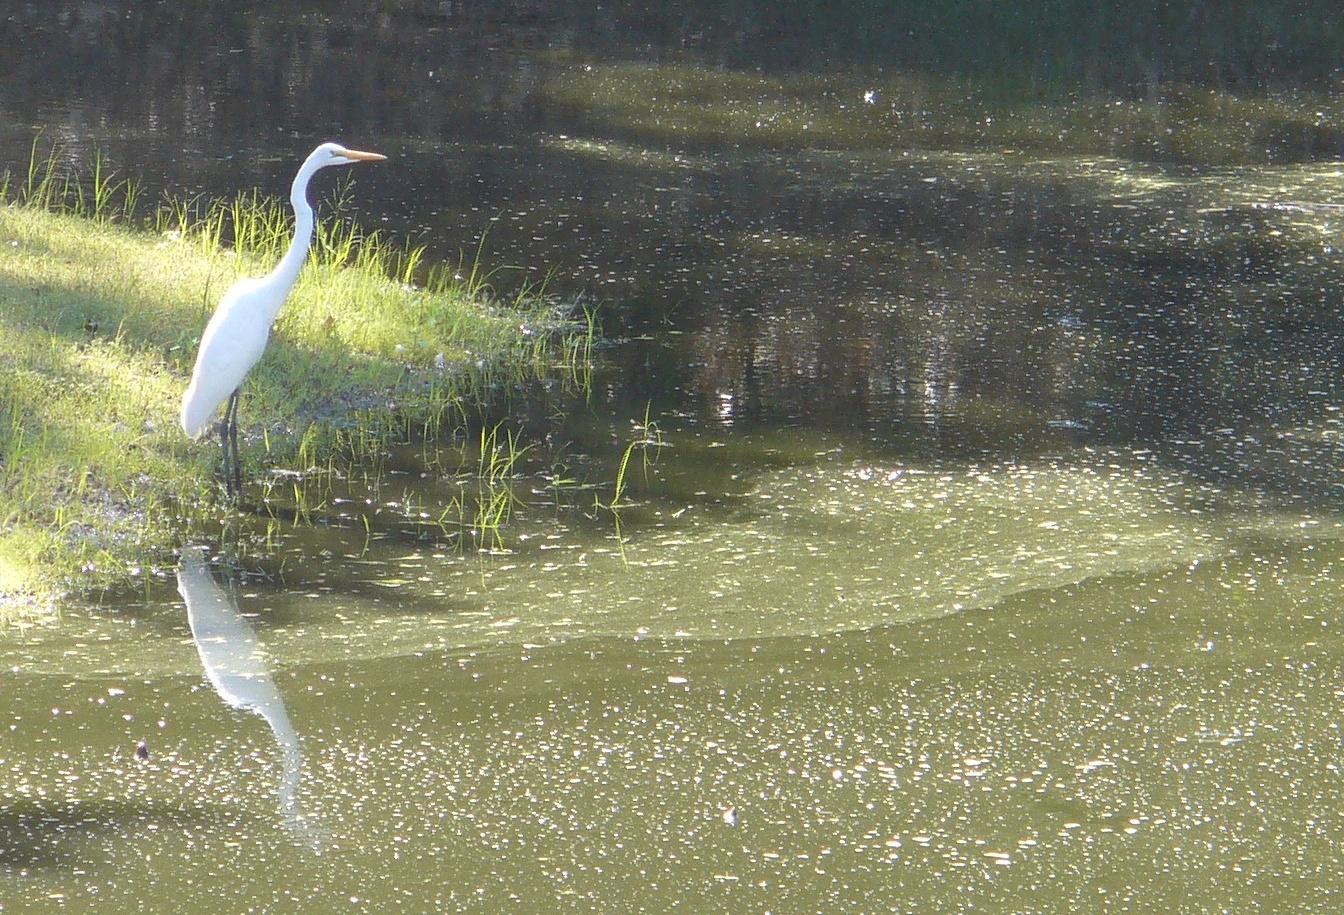 egret-20190921-33-folsom-pond